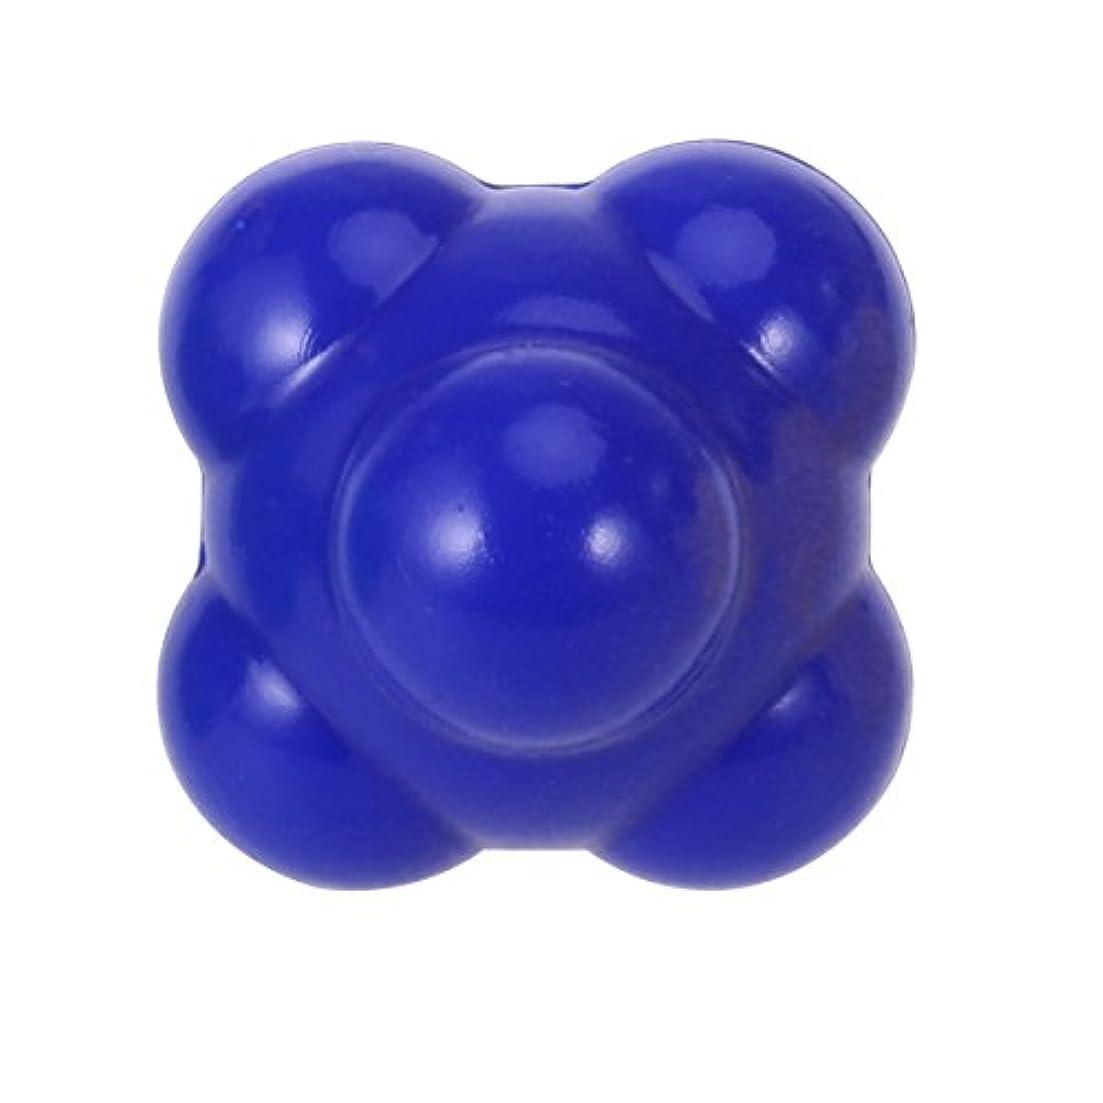 引き付ける効能ある美容師ROSENICE 敏捷性ボール58mm優れたハンドアイ配位の開発(ブルー)